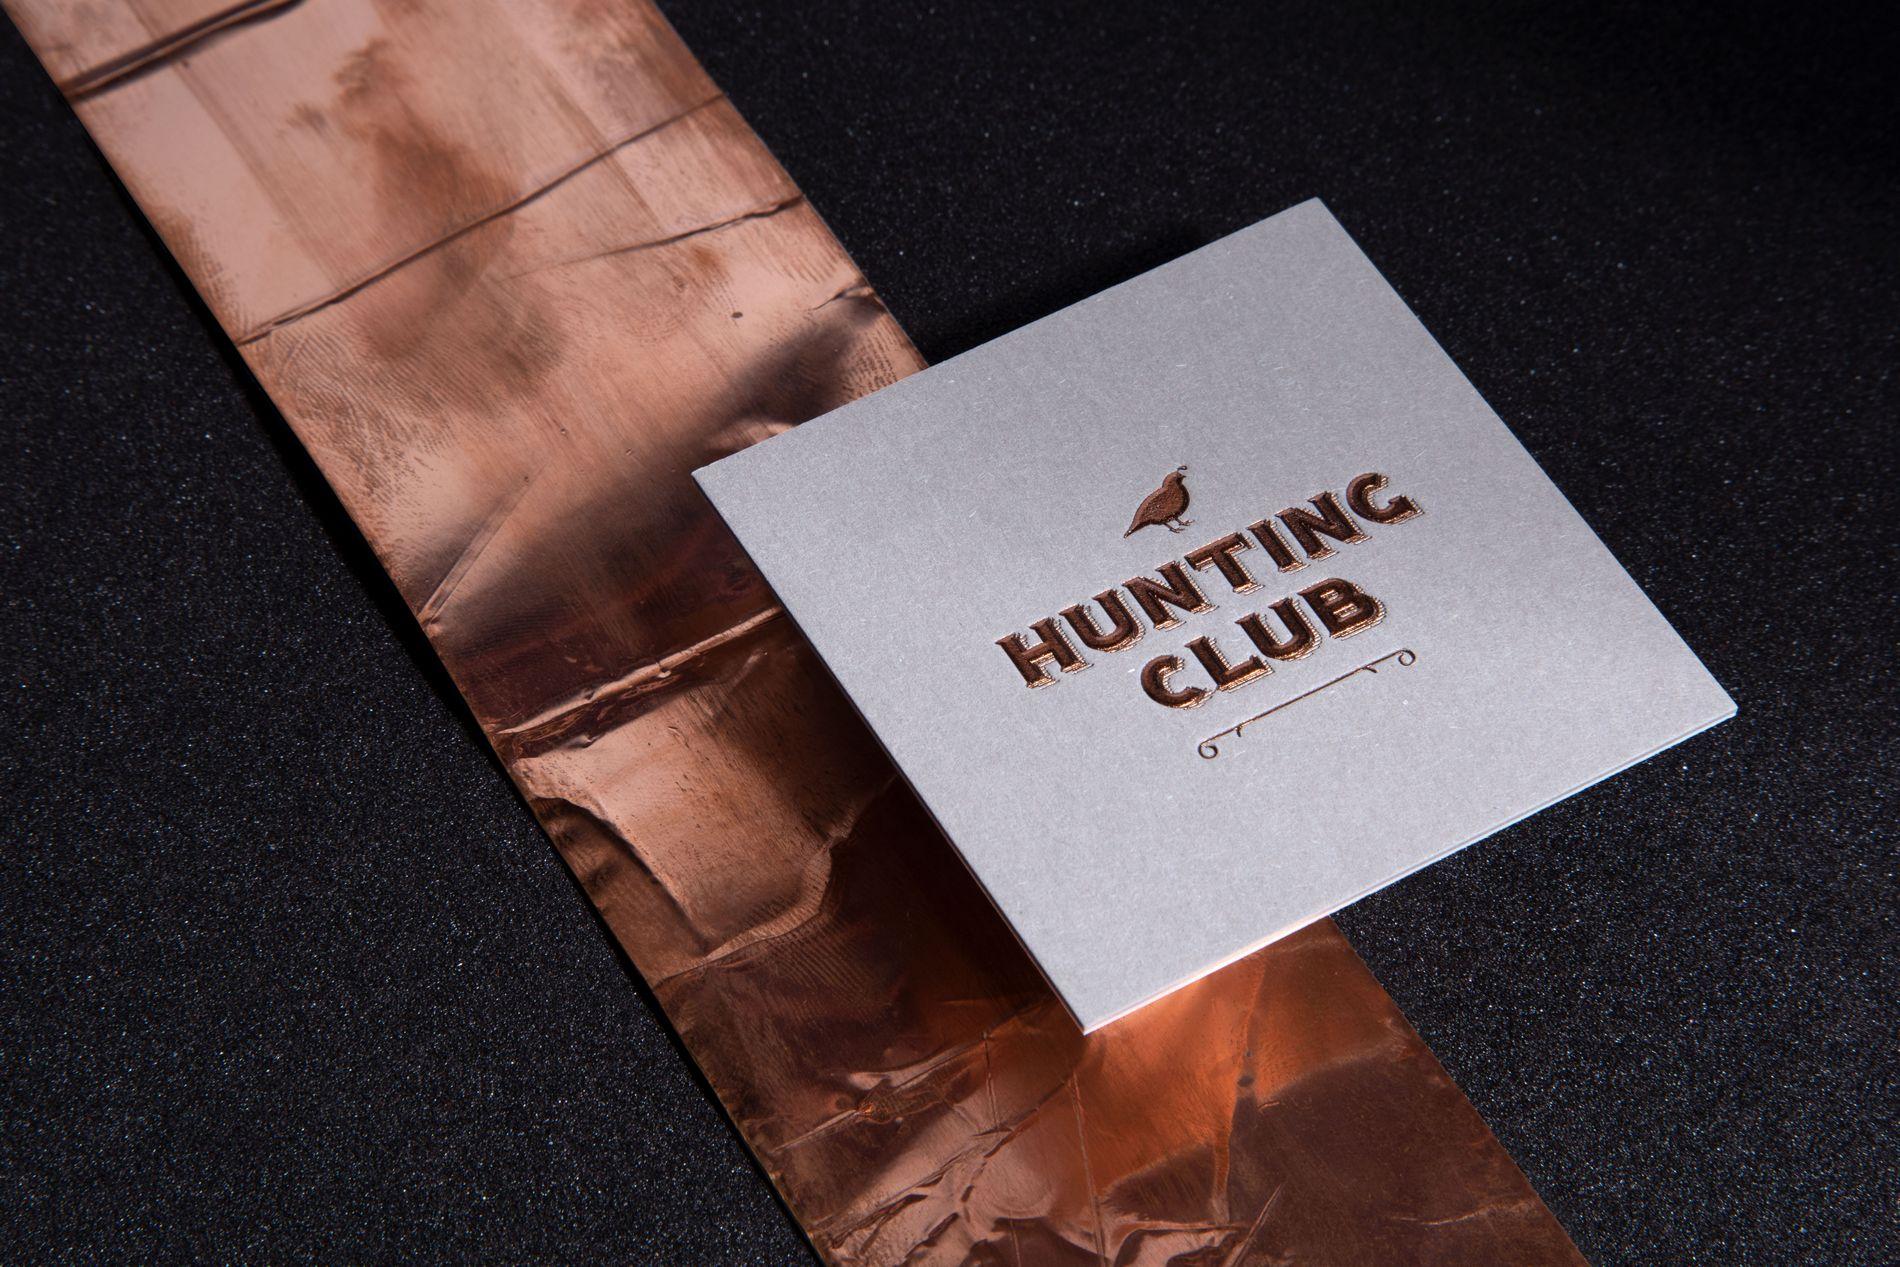 Nostroinchiostro – Hunting Club – 1